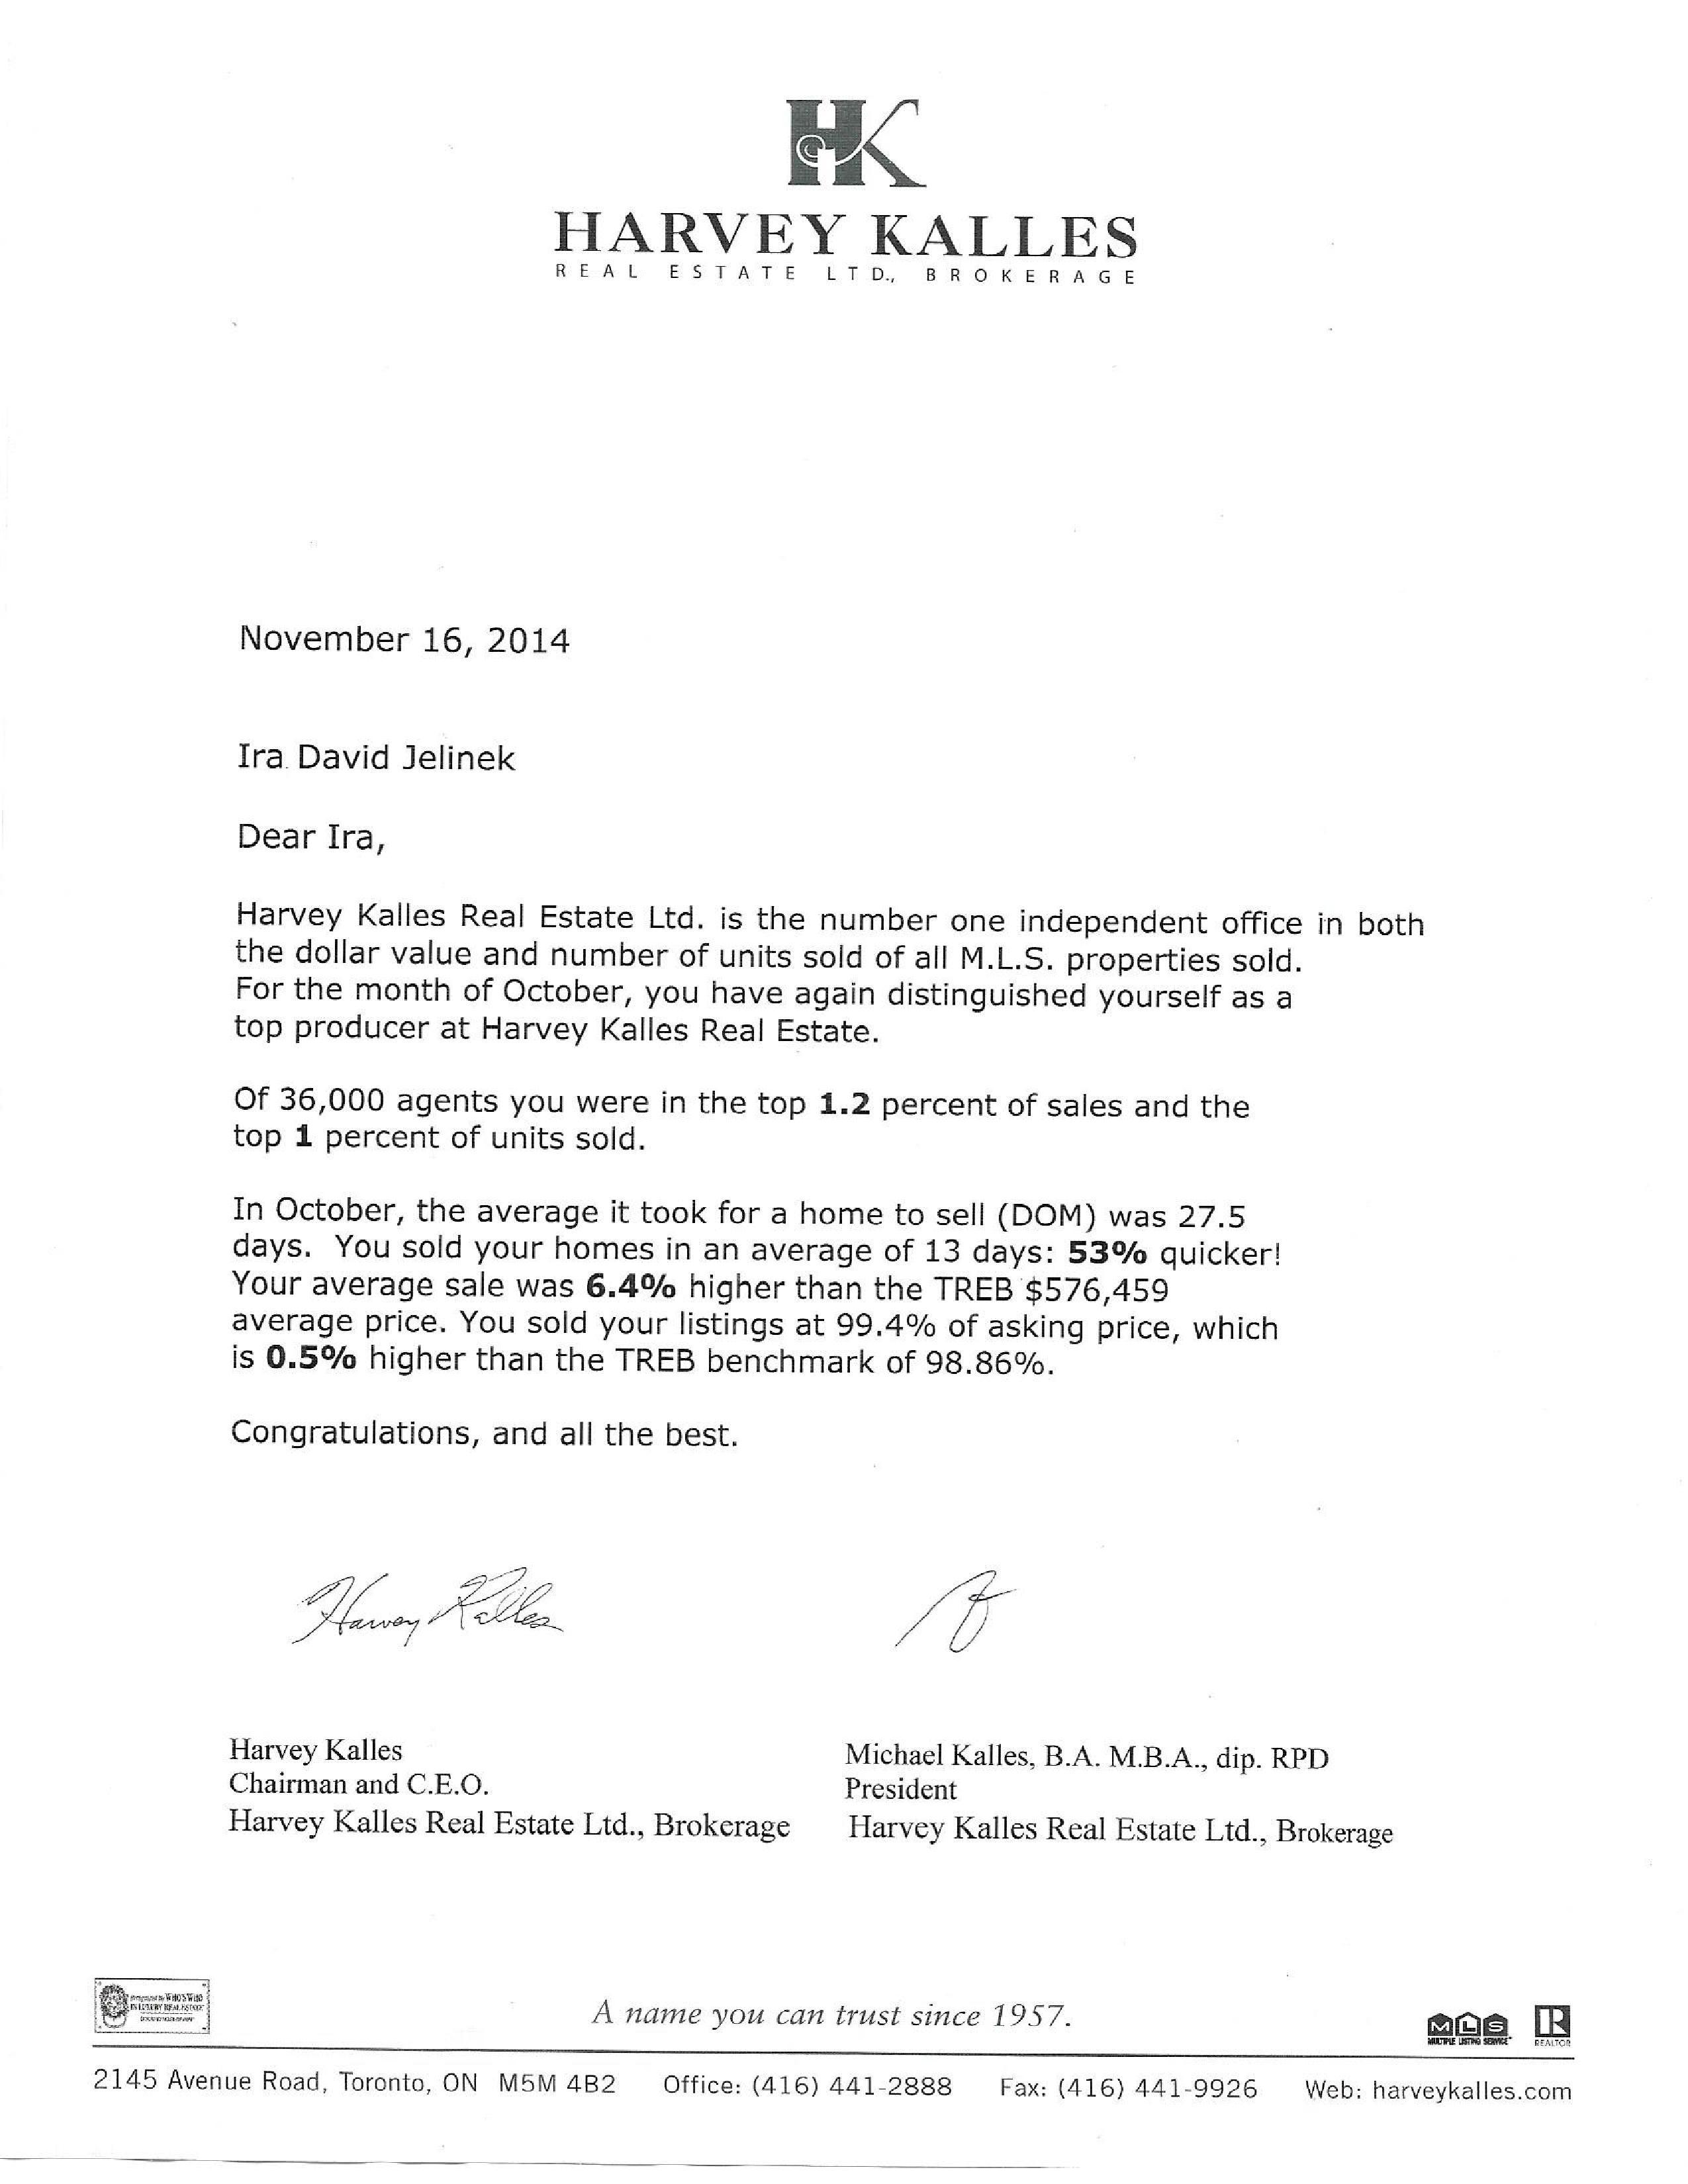 Harvey Kalles Letter 2